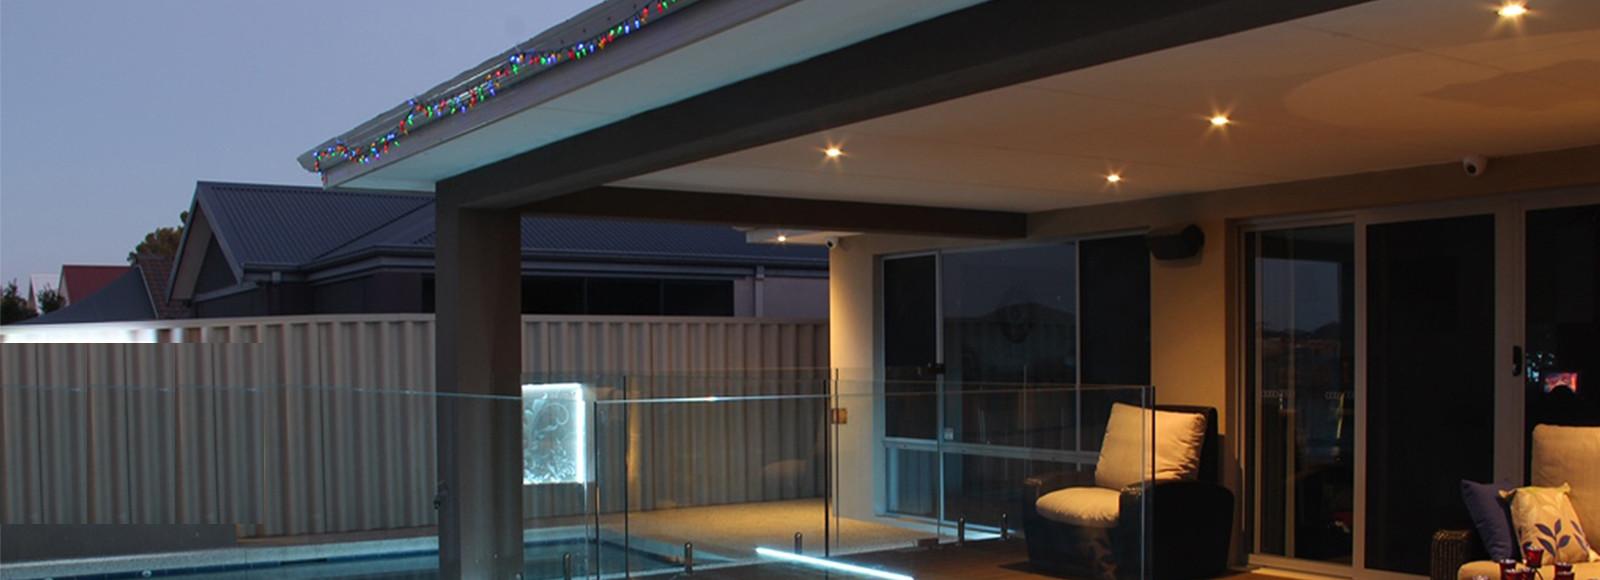 outdoor-lighting-1600